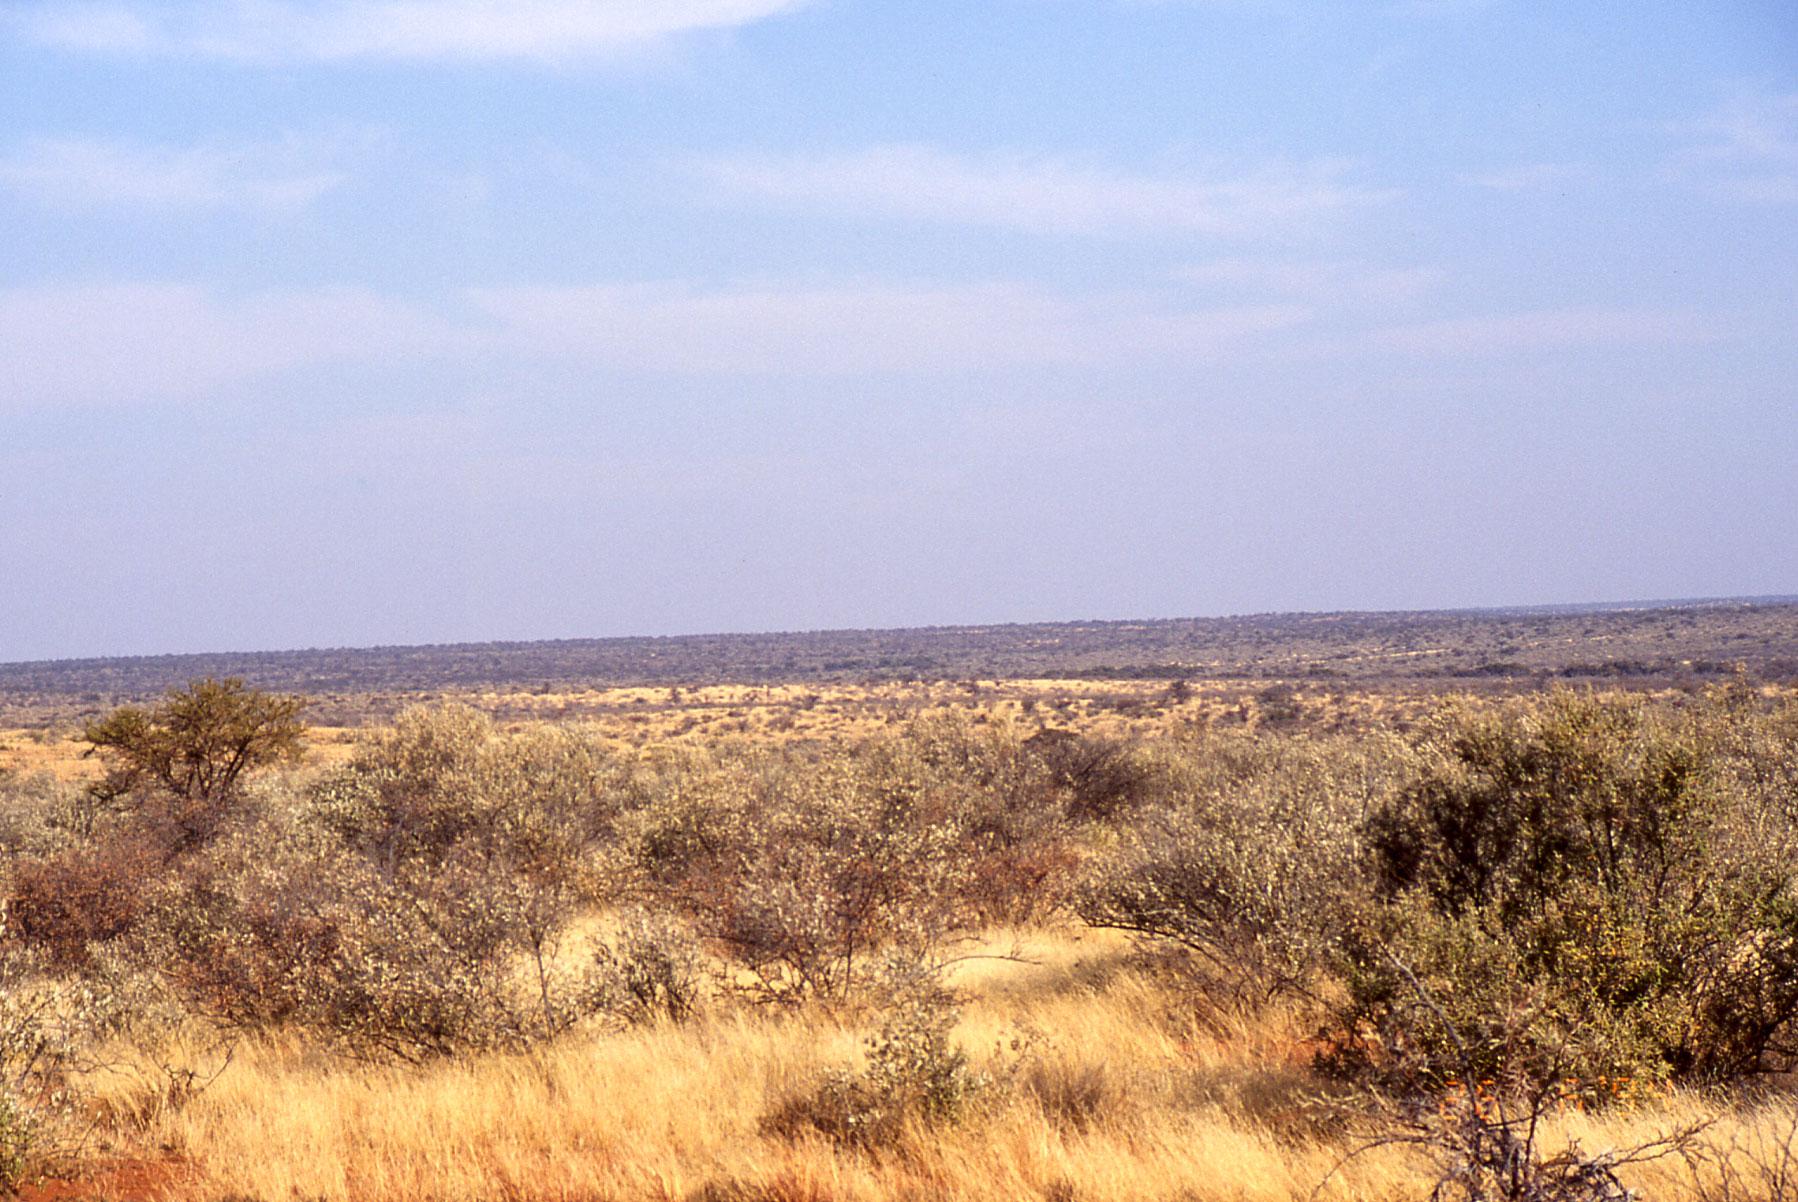 Масштабное лесонасаждение вАфрике— угроза ценным экосистемам